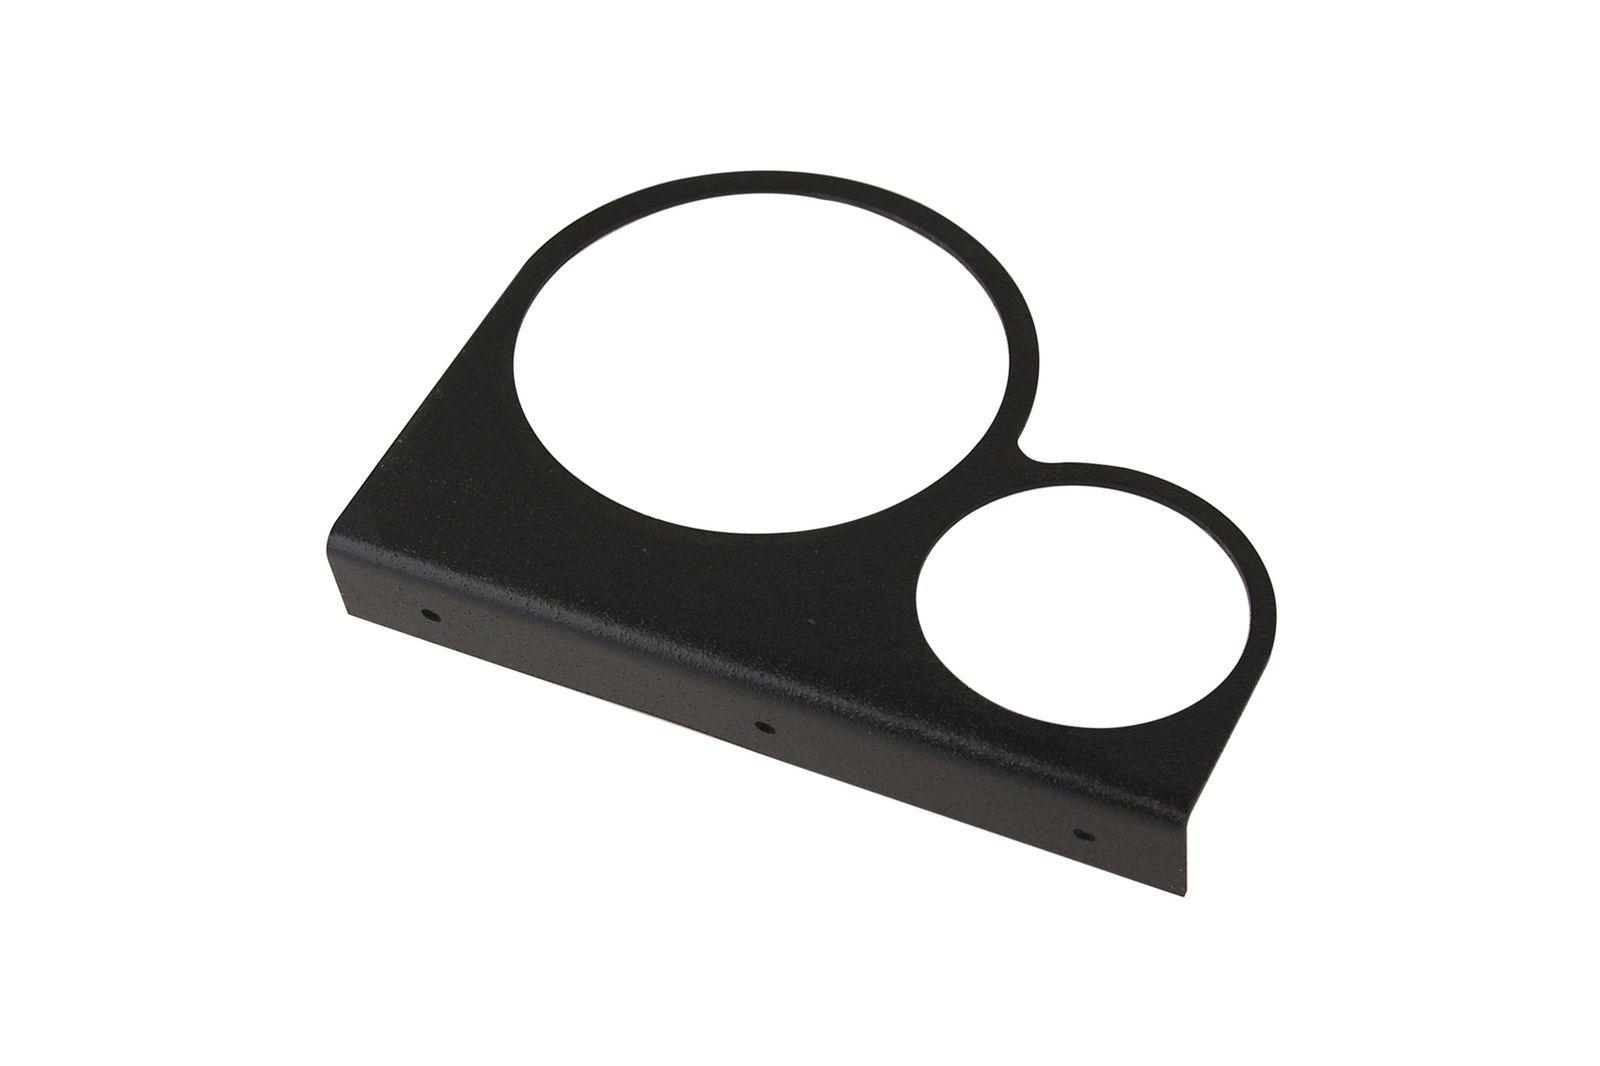 #Montageplatte für 2 Zubehör-Instrumente, 1x80 mm + 1x52mm Loch, GAC8461X